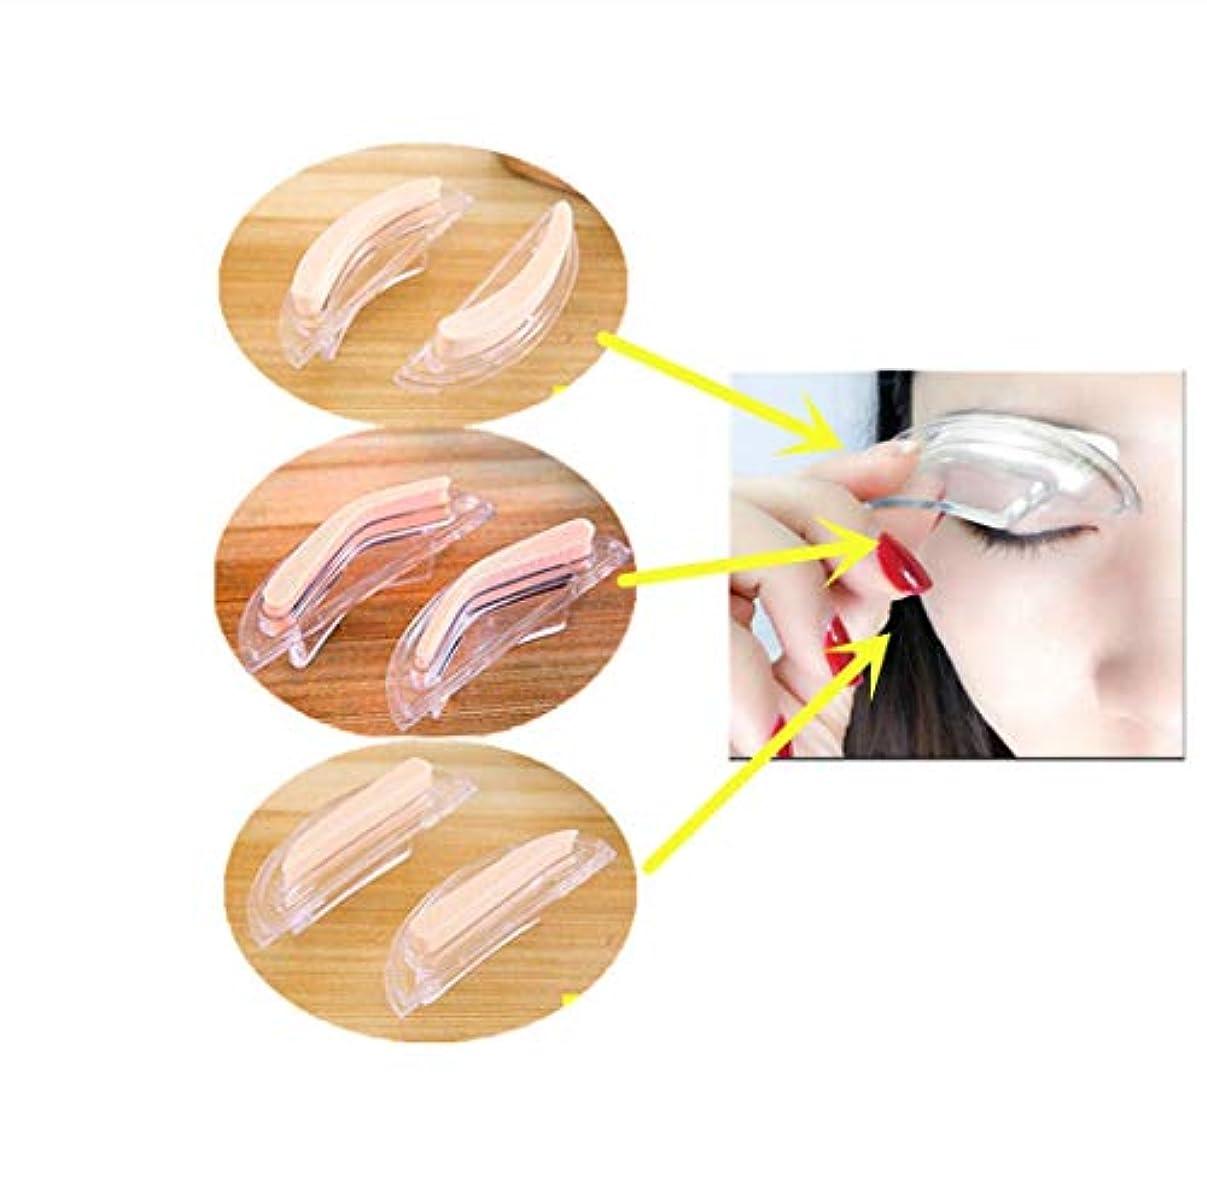 残るエキゾチック共産主義Dexinyigeアイブロウ スタンプ 眉毛 ストレートアイブロウスタンプ トレンドストレート /3種類の眉形セット 美化粧道具 入れ墨道具